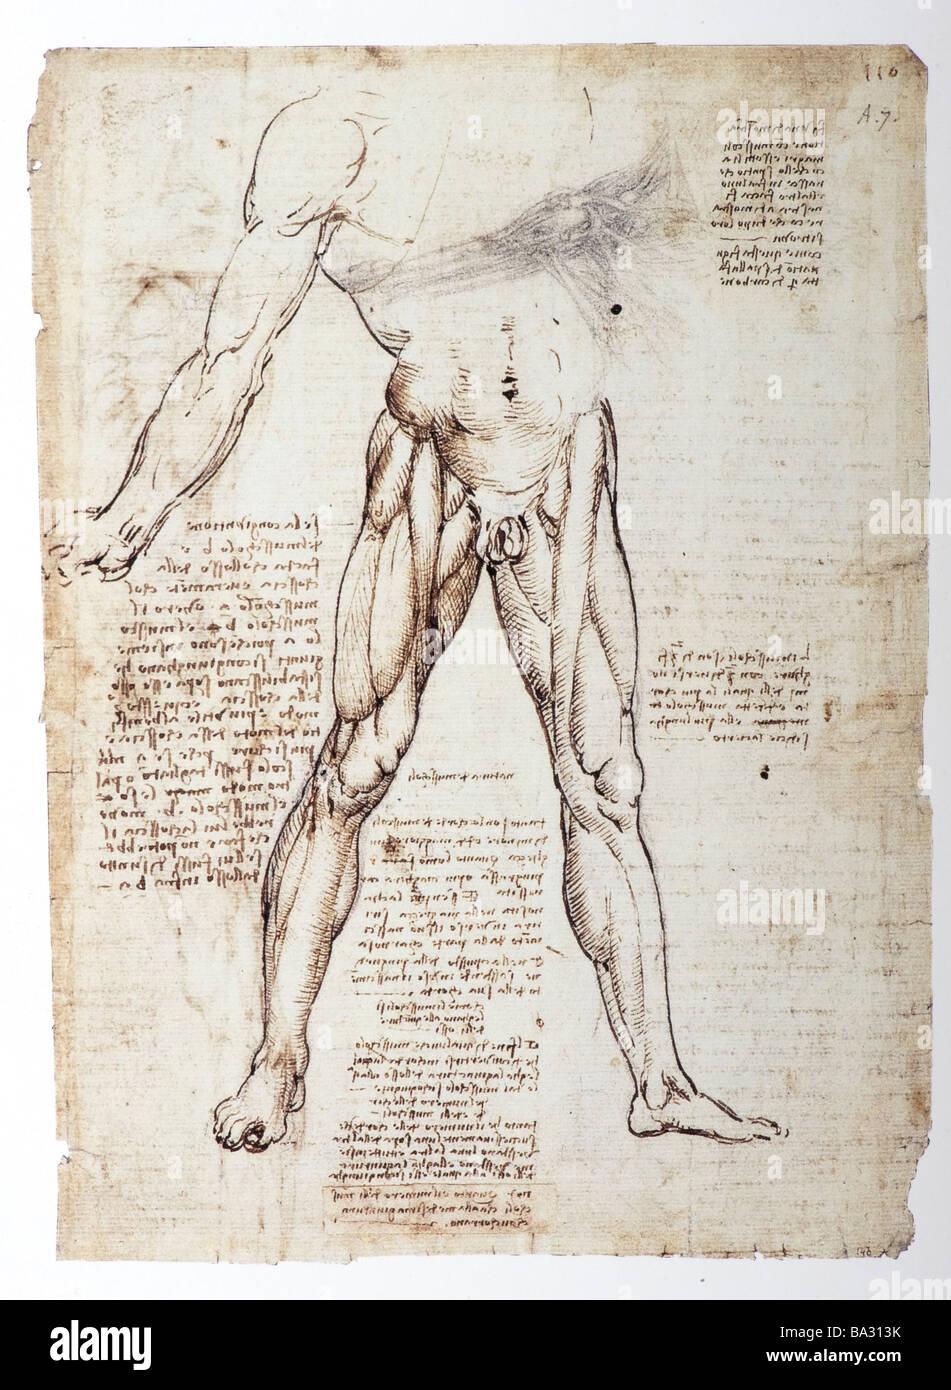 Estudio anatómico de los músculos de las piernas por Leonardo da Vinci 1509 bolígrafo, tinta marrón Imagen De Stock